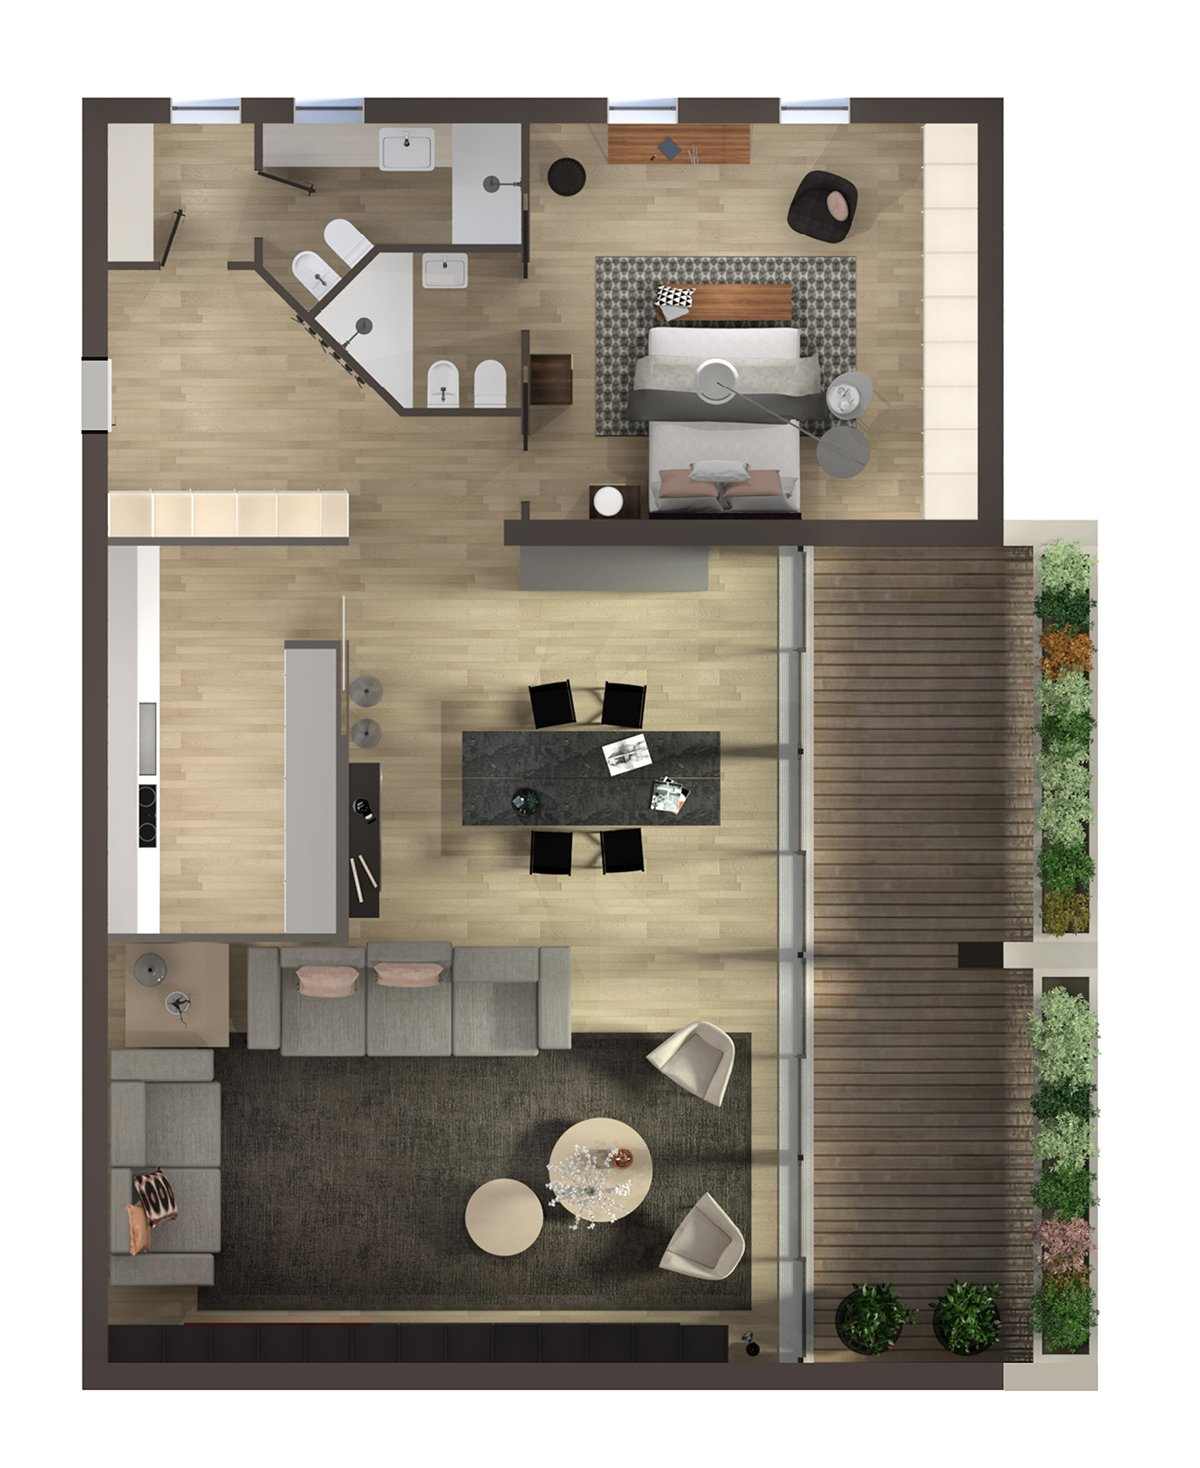 Arredare la mansarda con soluzioni su misura progetto in 3d cose di casa - Progetto bagno 3d gratis ...